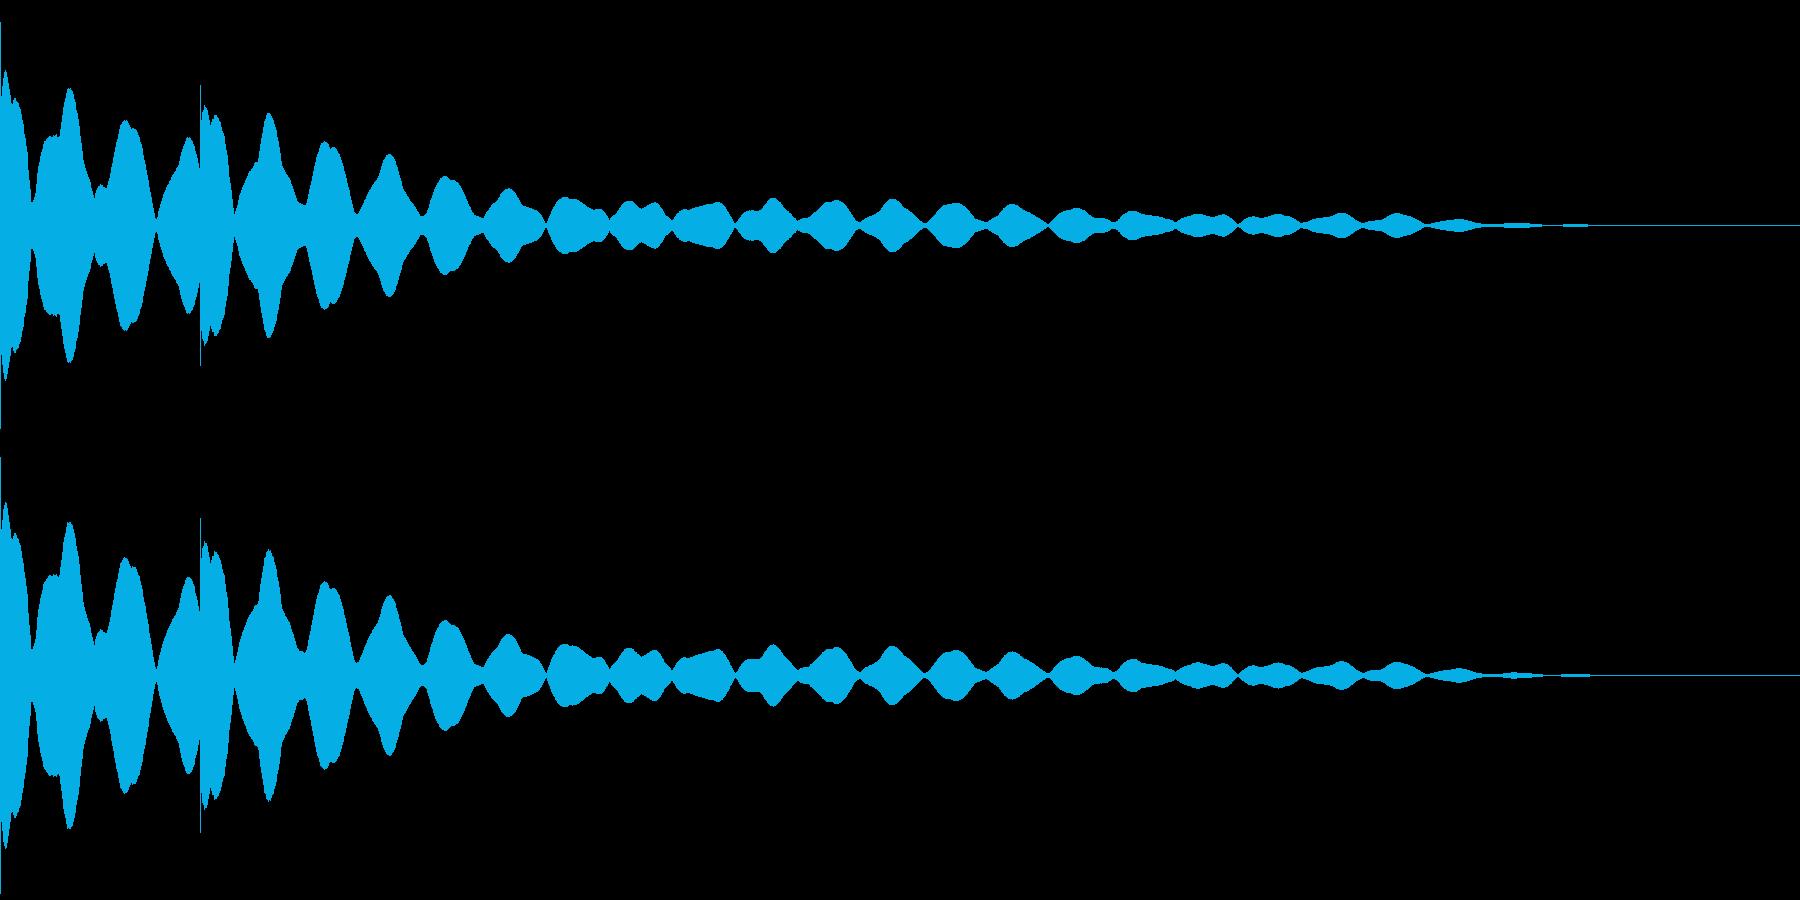 チーンチーン 仏壇の鐘の音1の再生済みの波形